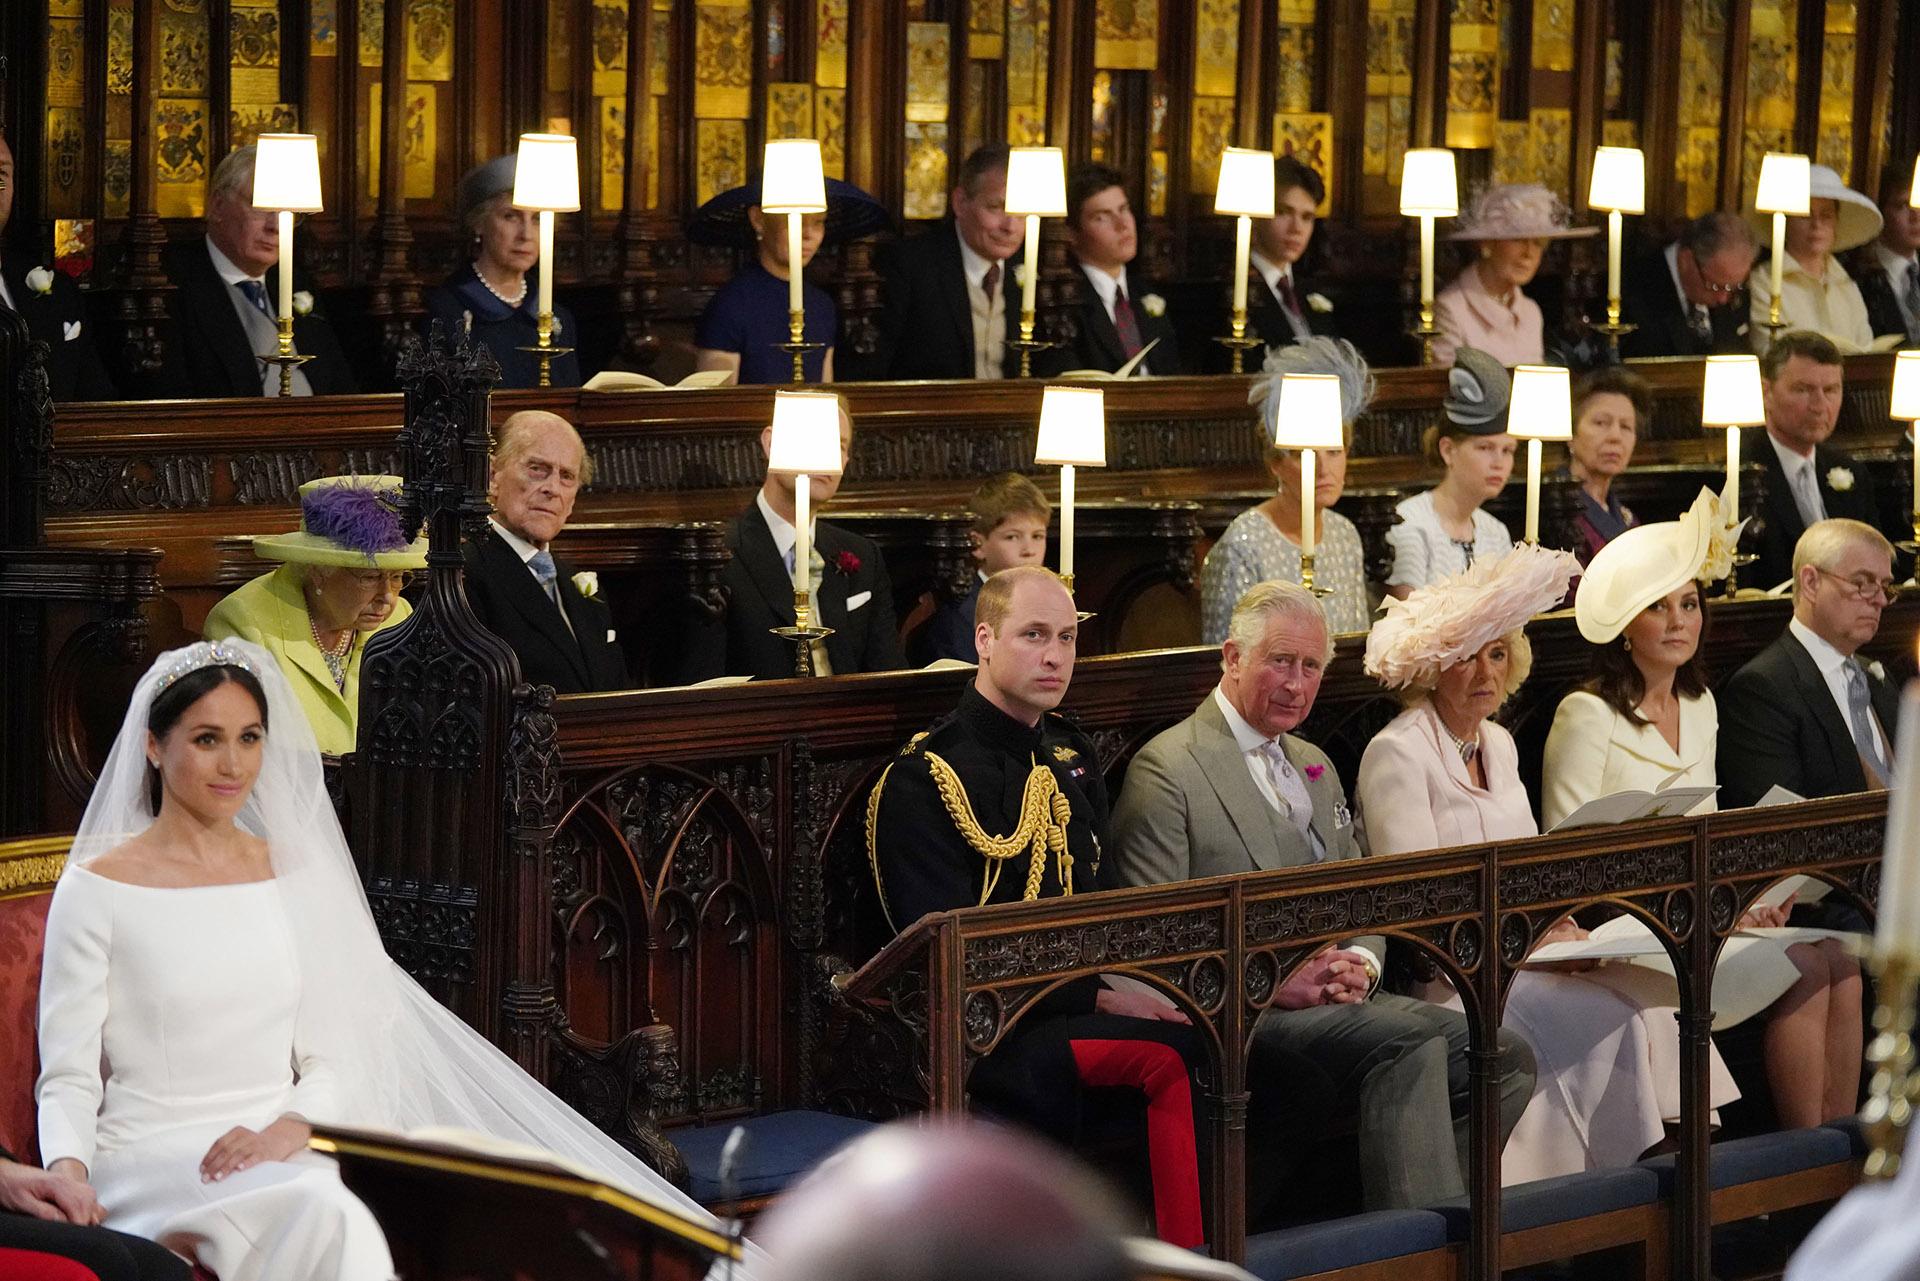 En la nave principal de la capilla, la familia real siguió con emoción la ceremonia: William, el príncipe Carlos,Camila de Cornualles y Kate Middleton. Detrás, la Reina Isabel IIy Felipe Duque de Edimburgo (AFP)